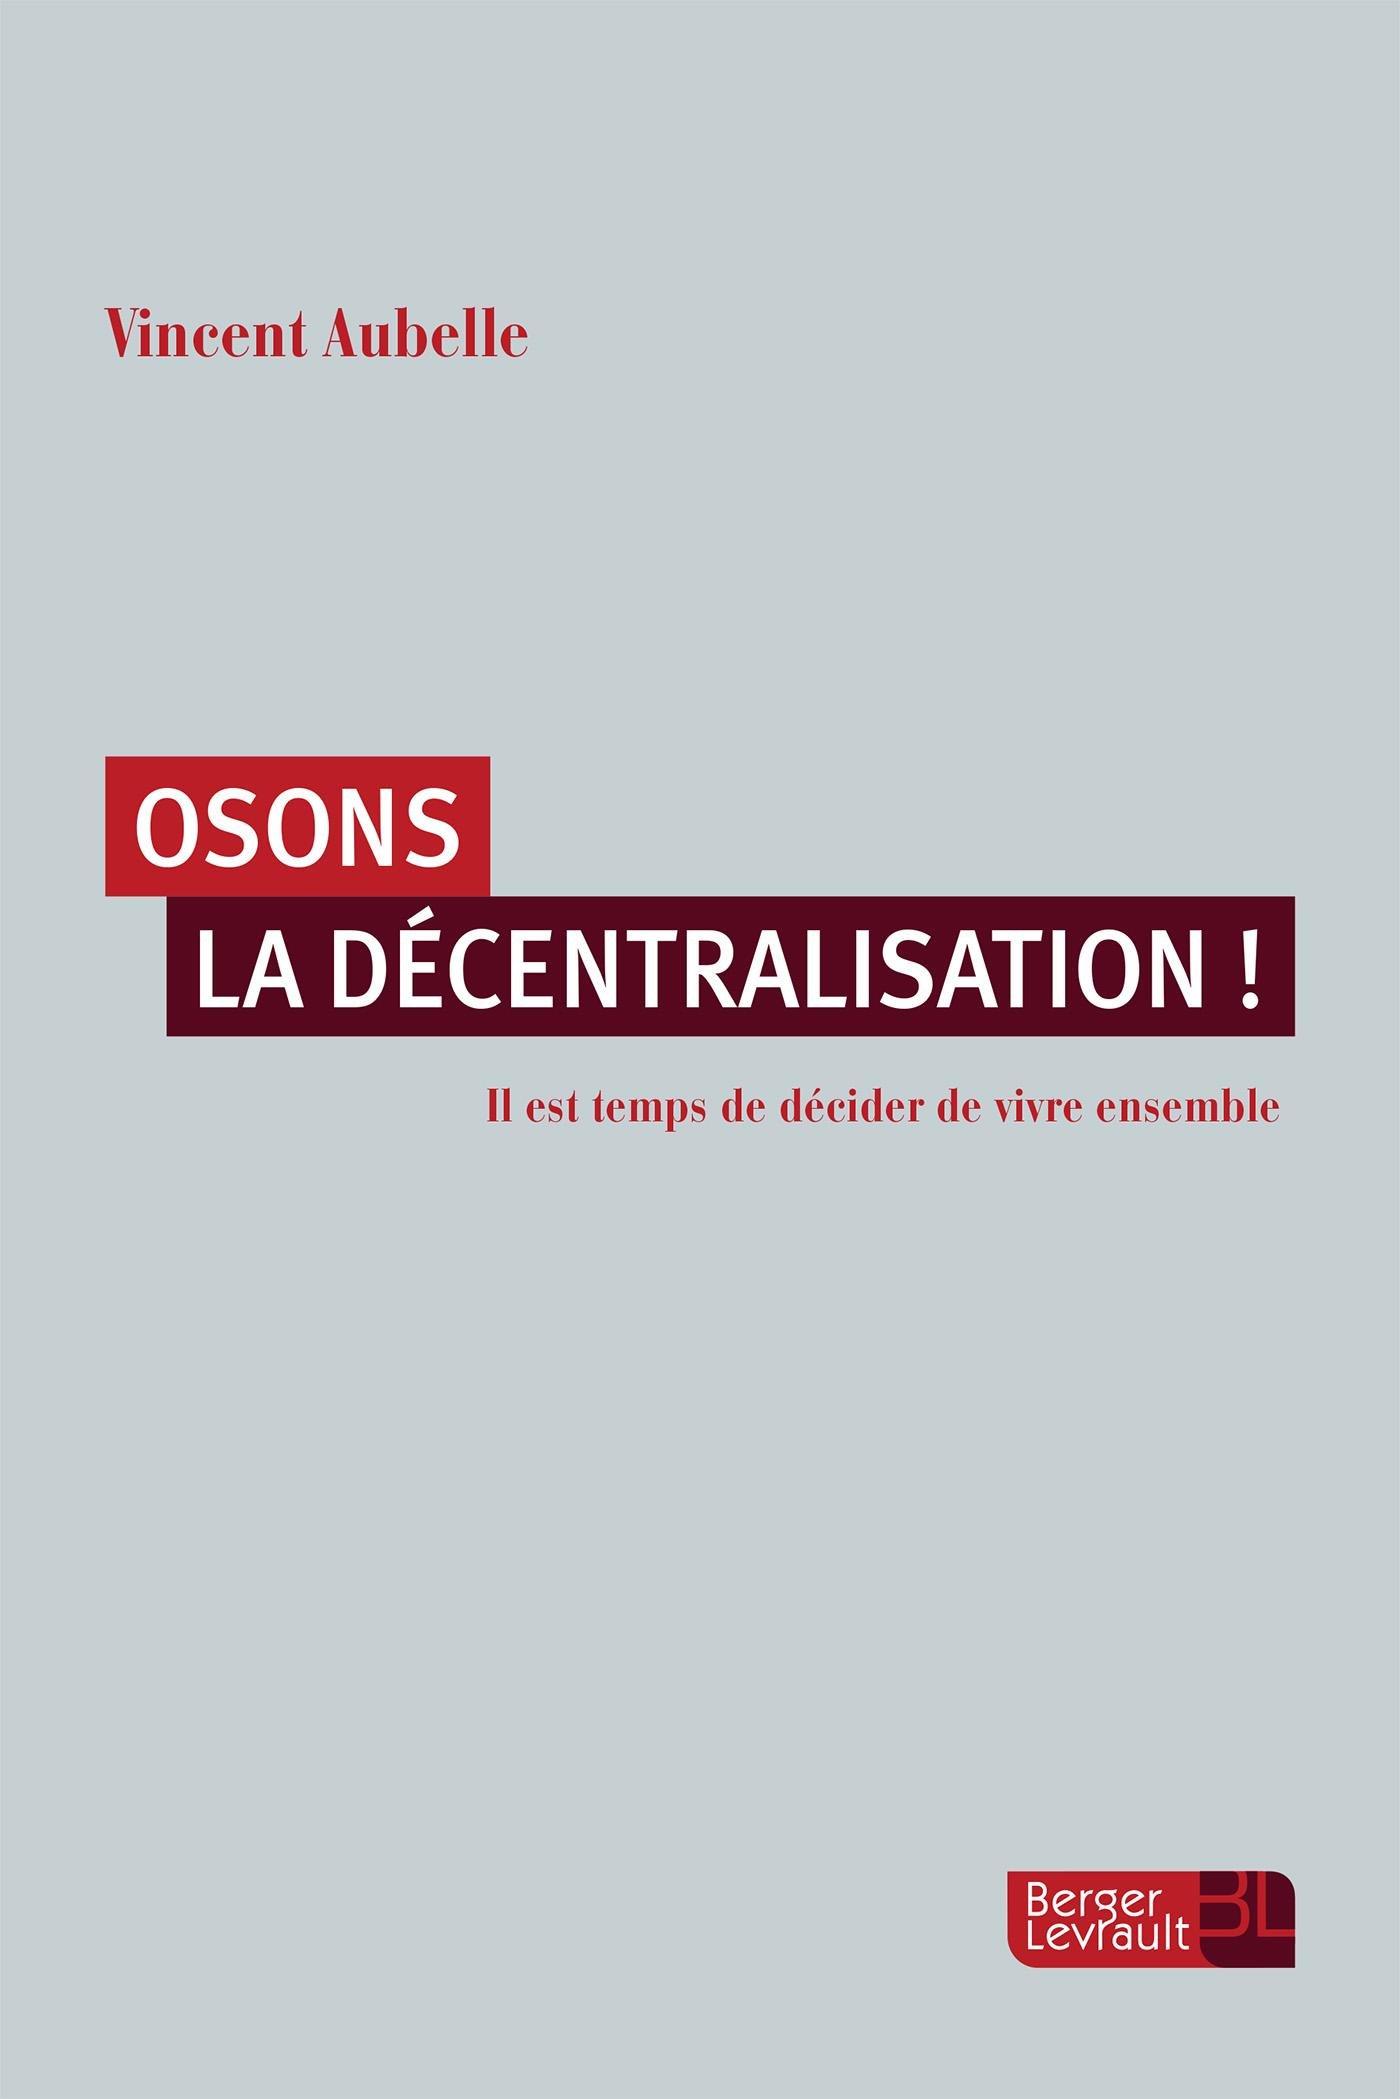 Osons la décentralisation